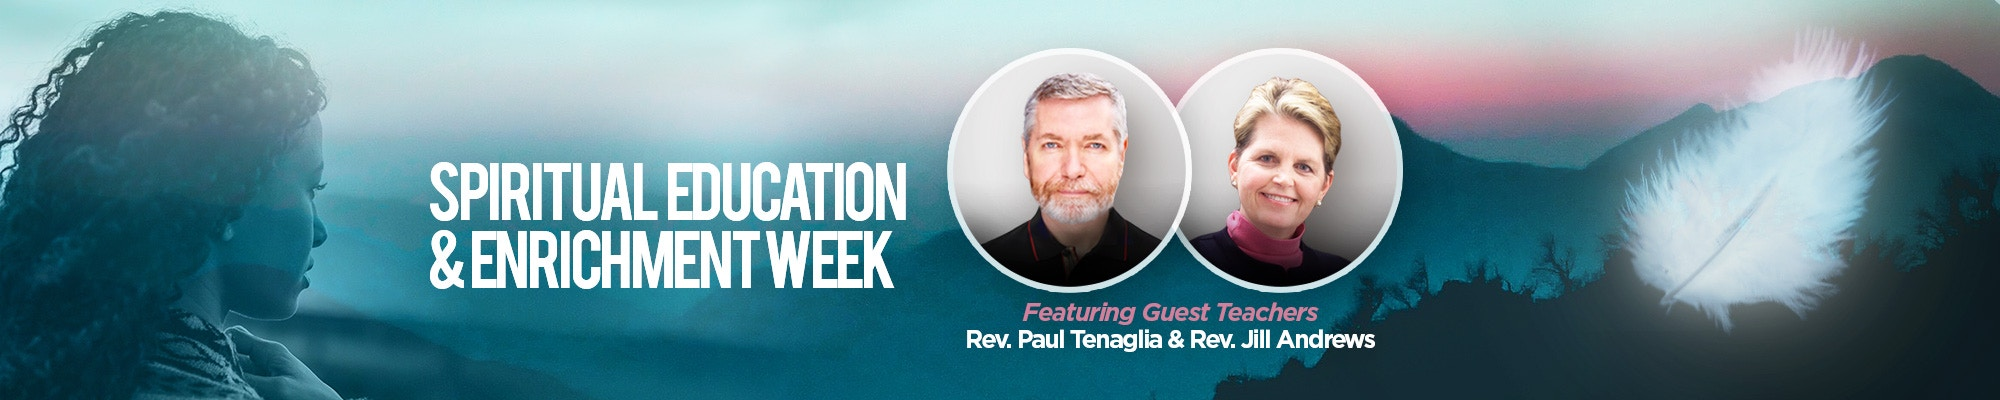 Spiritual Education & Enrichment Week: 2021